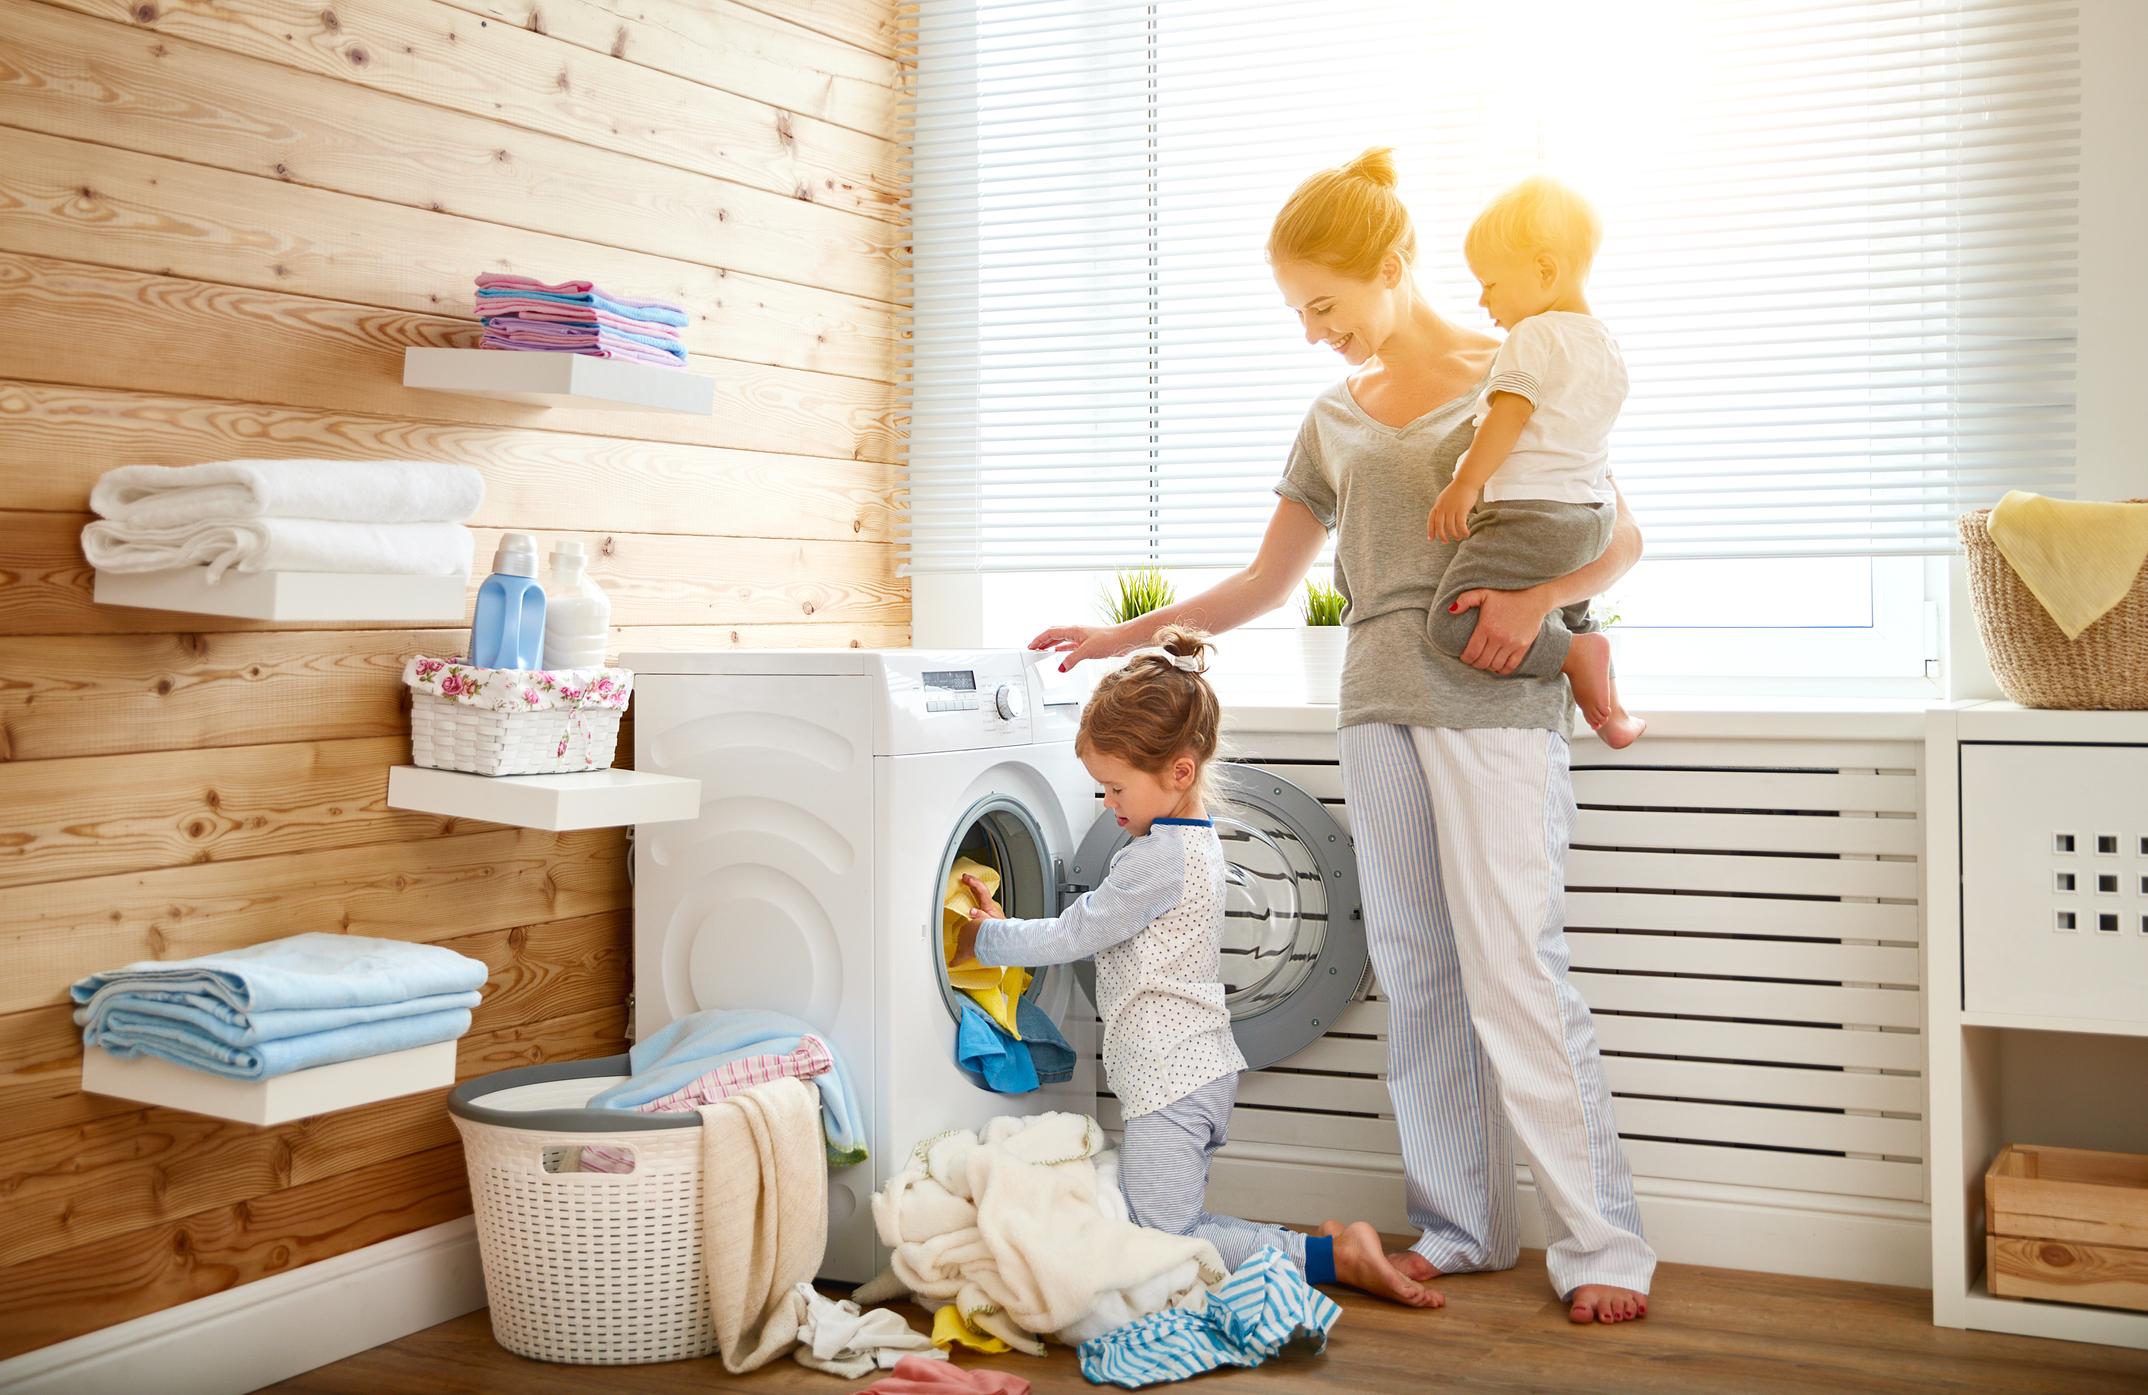 <p>Създайте система за събиране на мръсното пране. Не се карайте на децата си, ако са разхвърляли дрехите си по мебелите или&nbsp;на земята. Предложете разумно решение, като например да купите цветни кошове, в което детето ви само да сортира дрехите си по цвят, когато е време да бъдат изпрани. Така и вие ще бъдете улеснени, когато подготвяте да пуснете пералнята.&nbsp;</p>